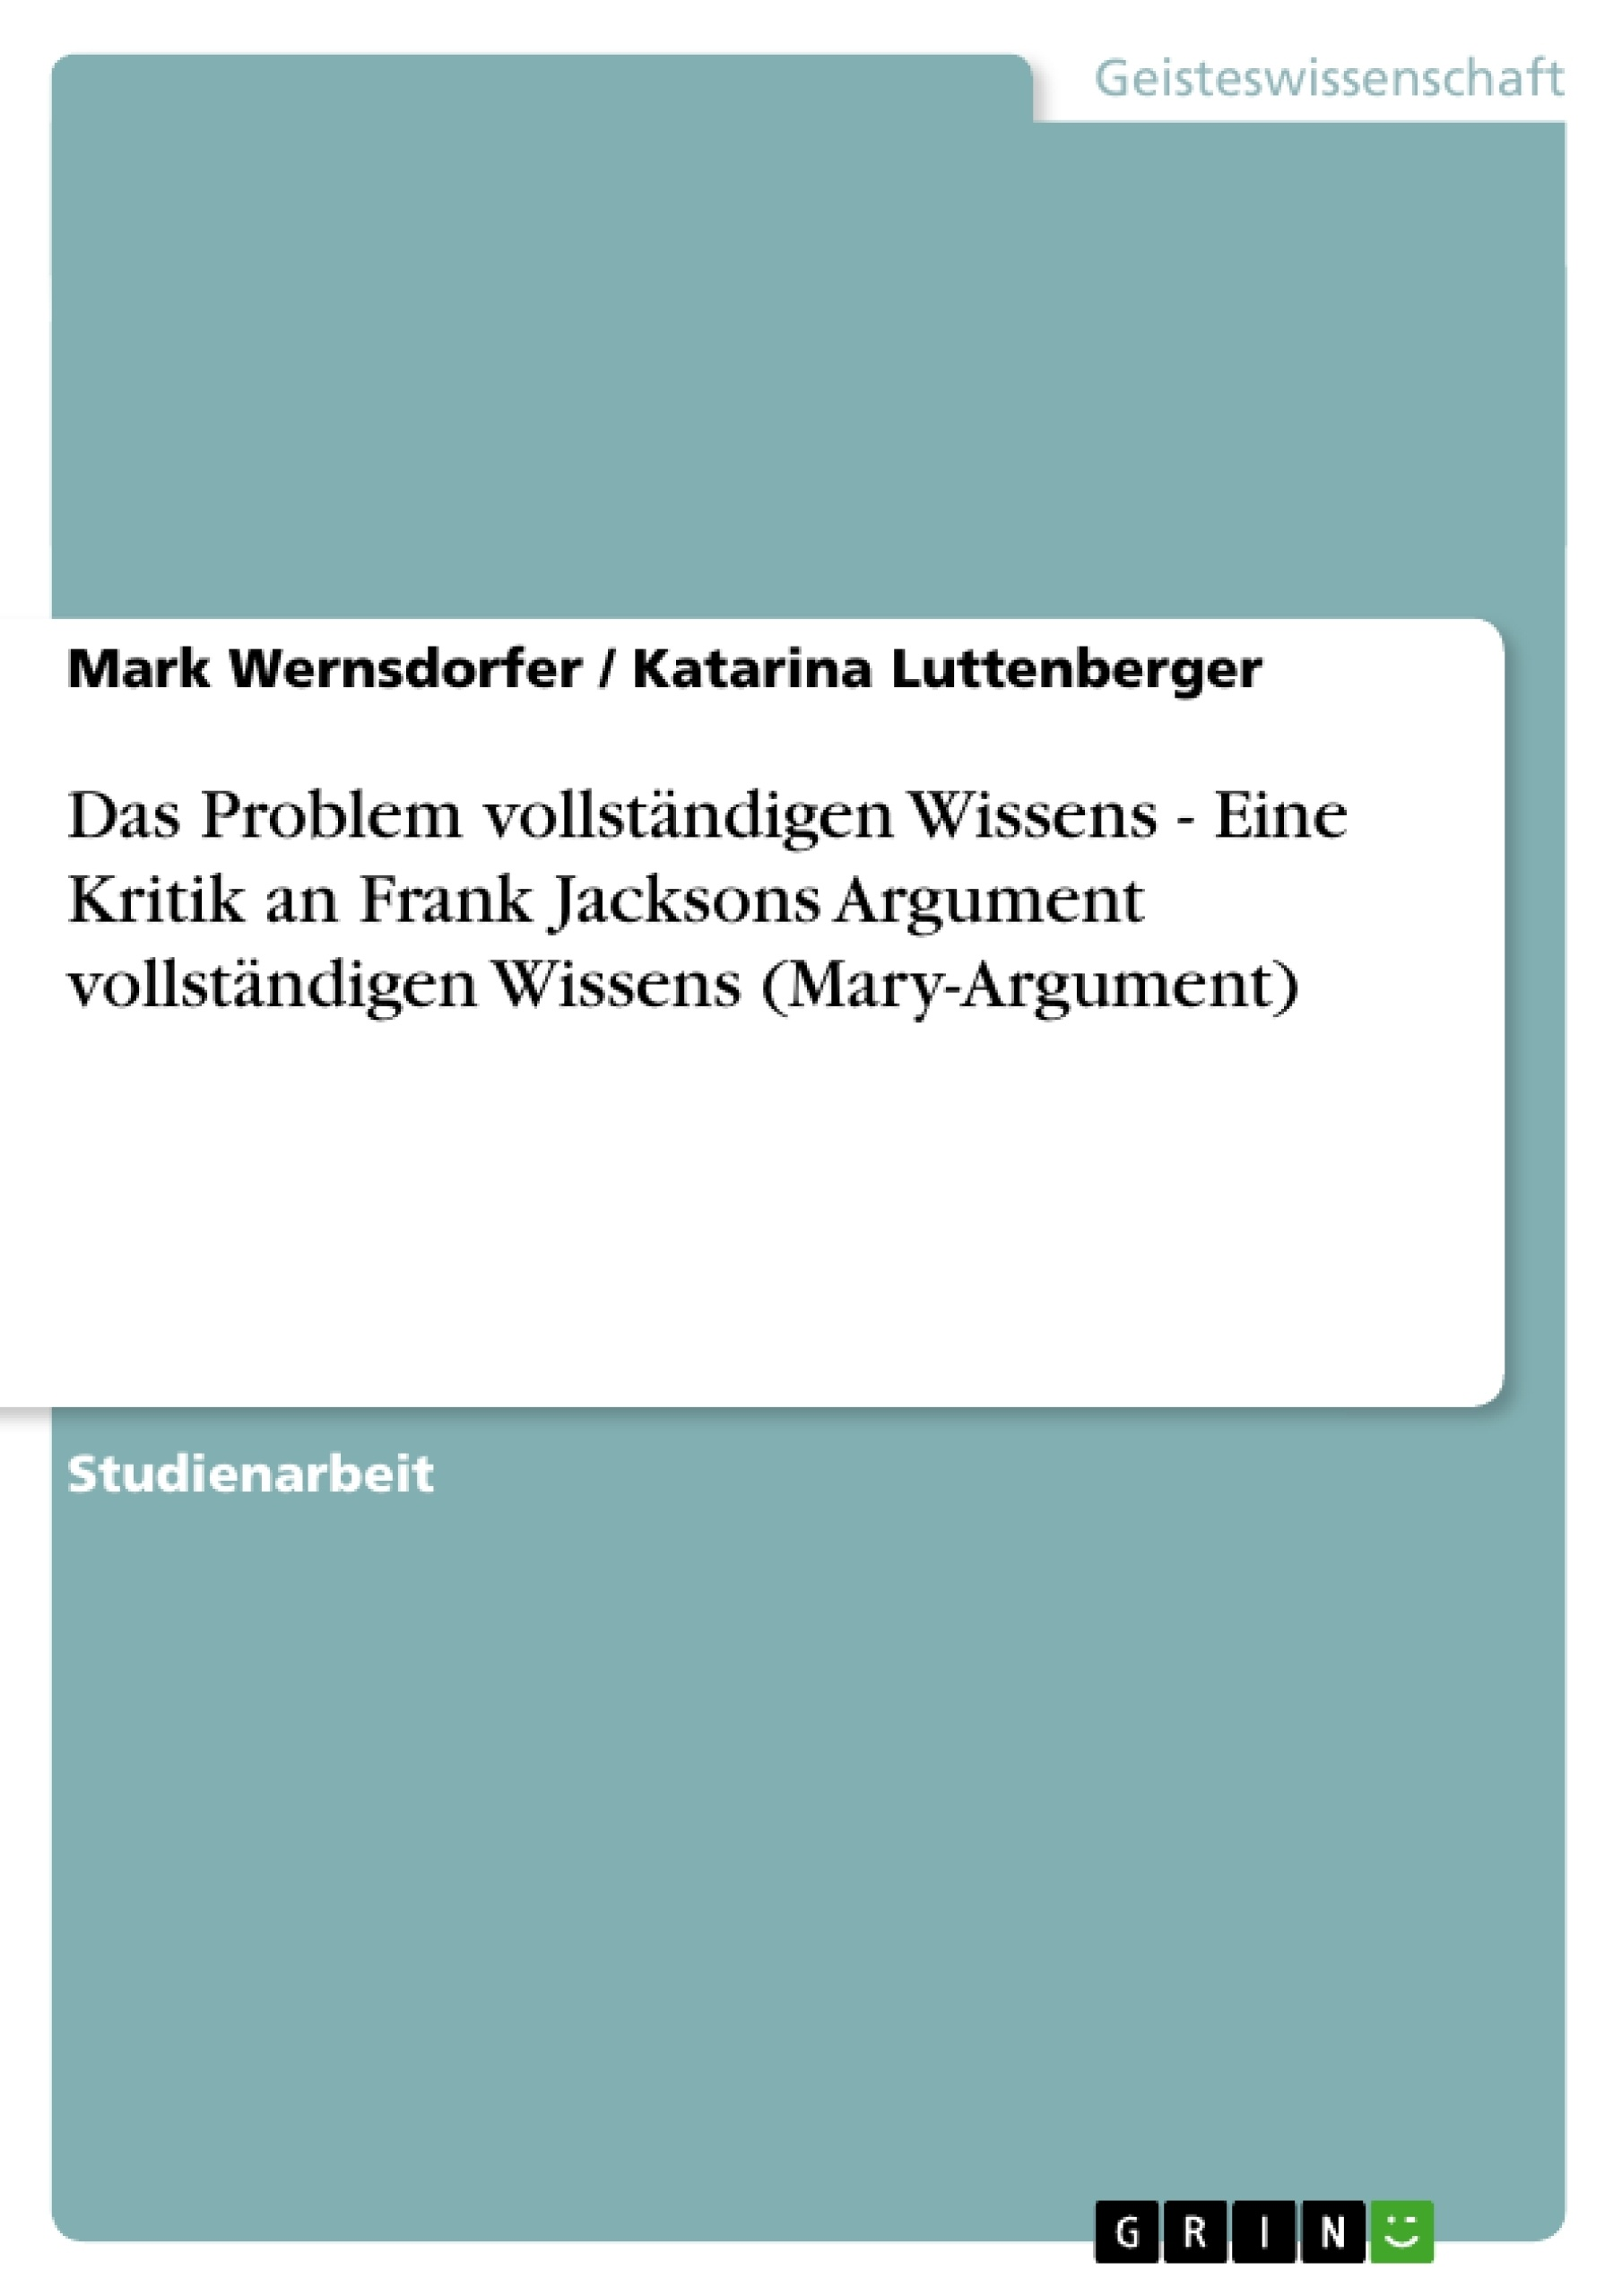 Titel: Das Problem vollständigen Wissens - Eine Kritik an Frank Jacksons Argument vollständigen Wissens (Mary-Argument)